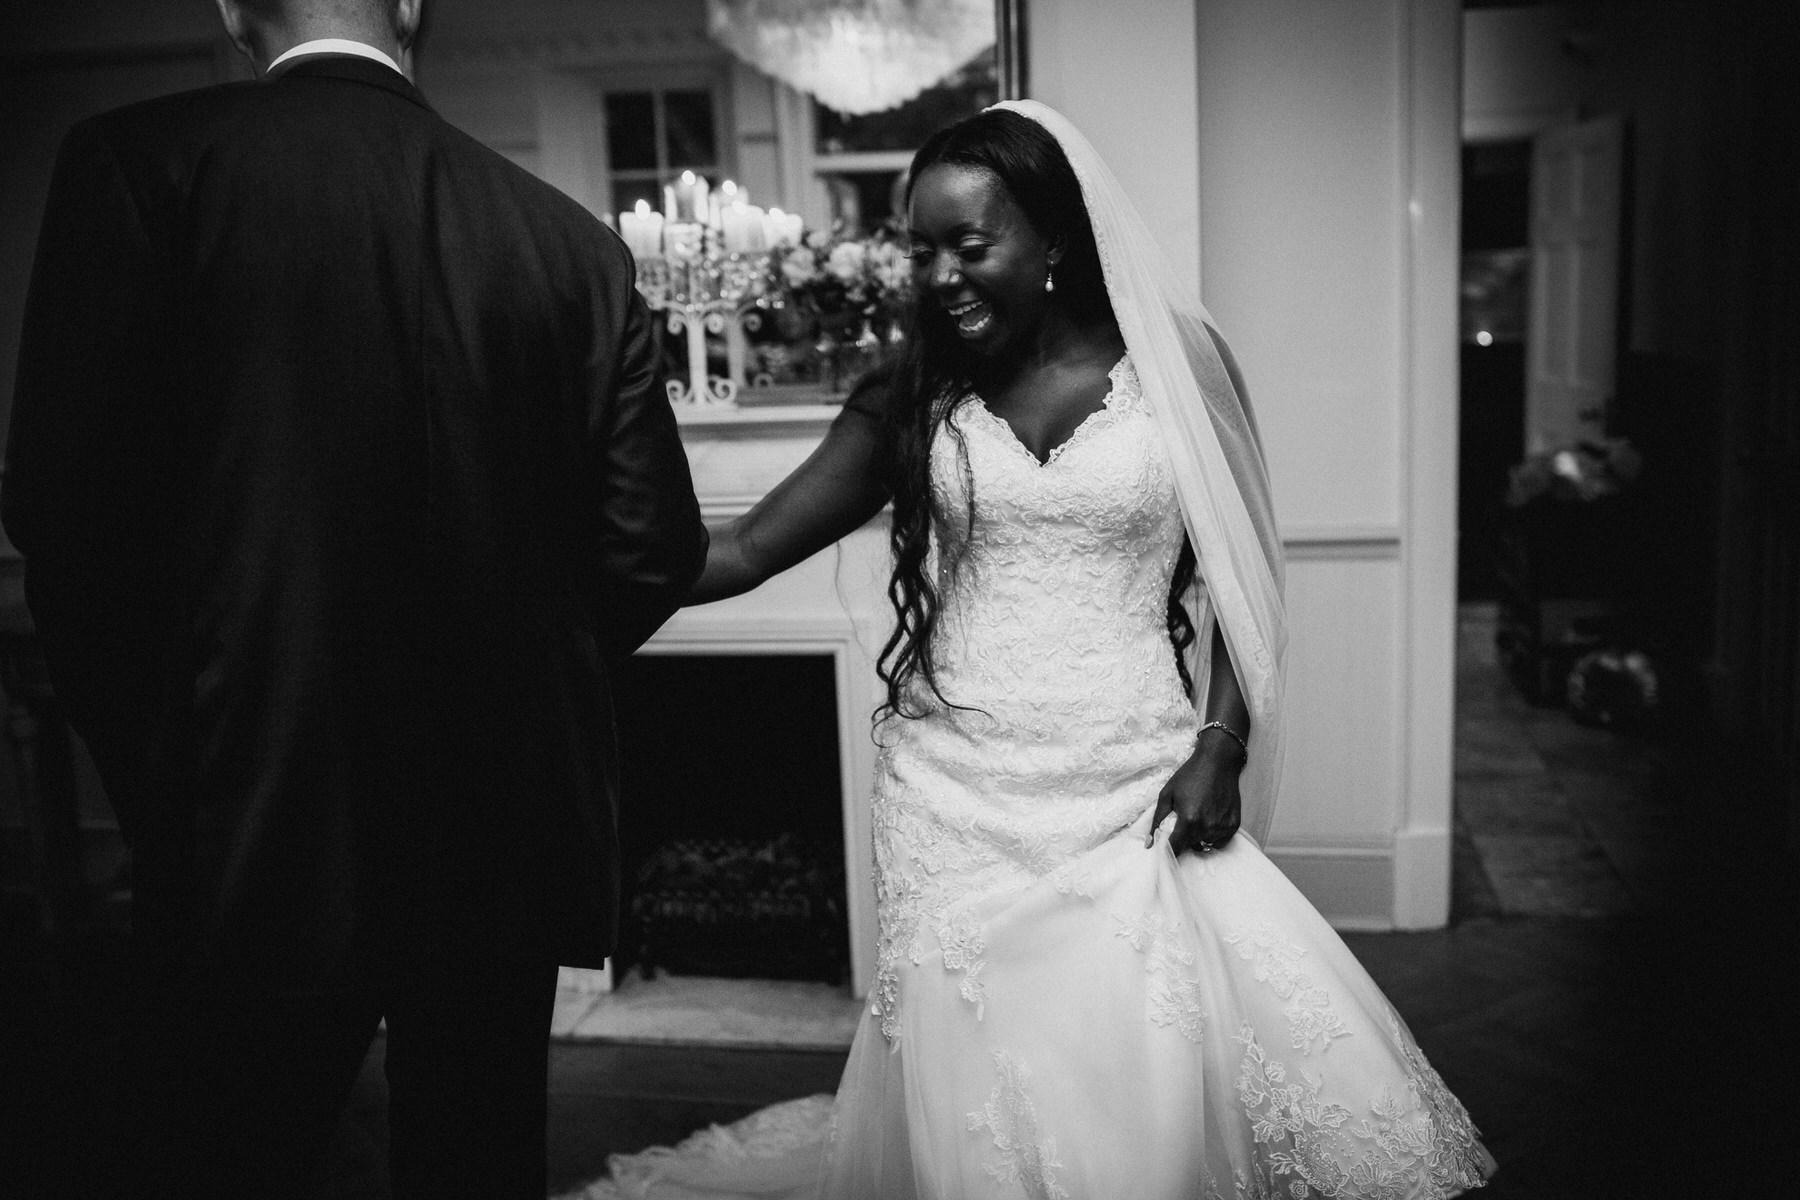 307-Belair House wedding first dance photos.jpg